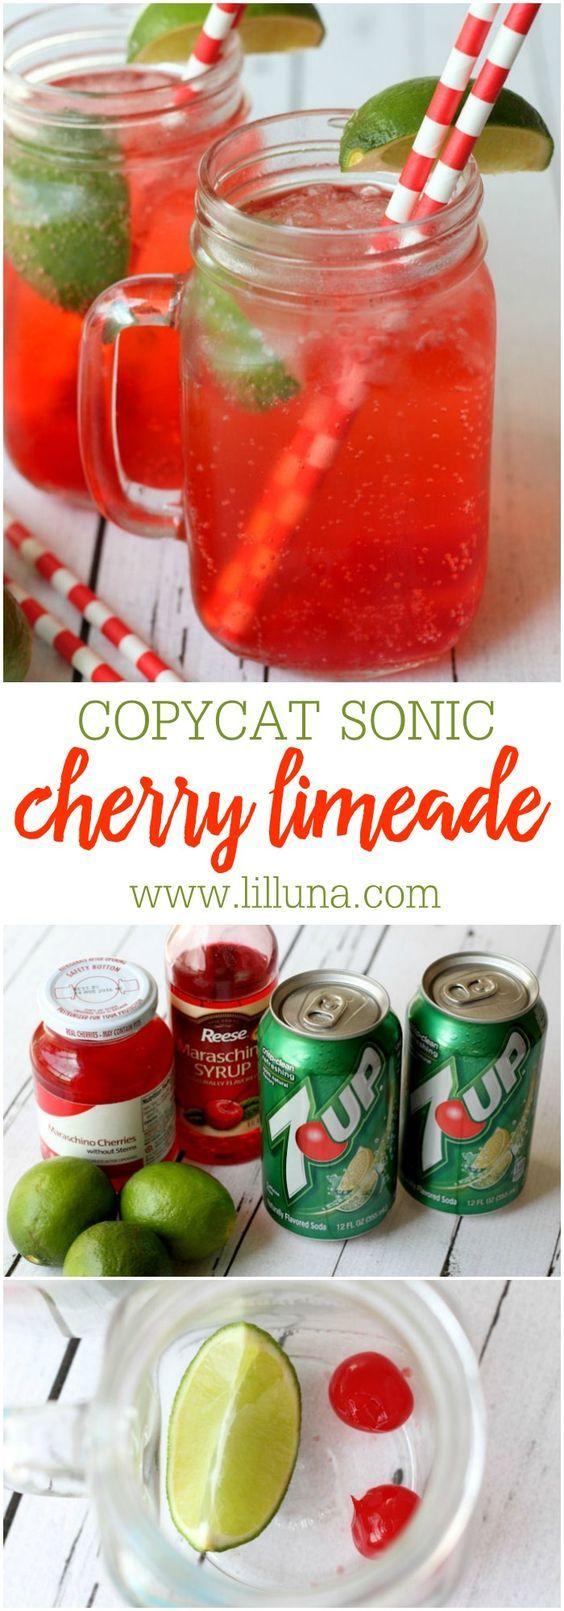 Copycat Sonic Cherry Limemade